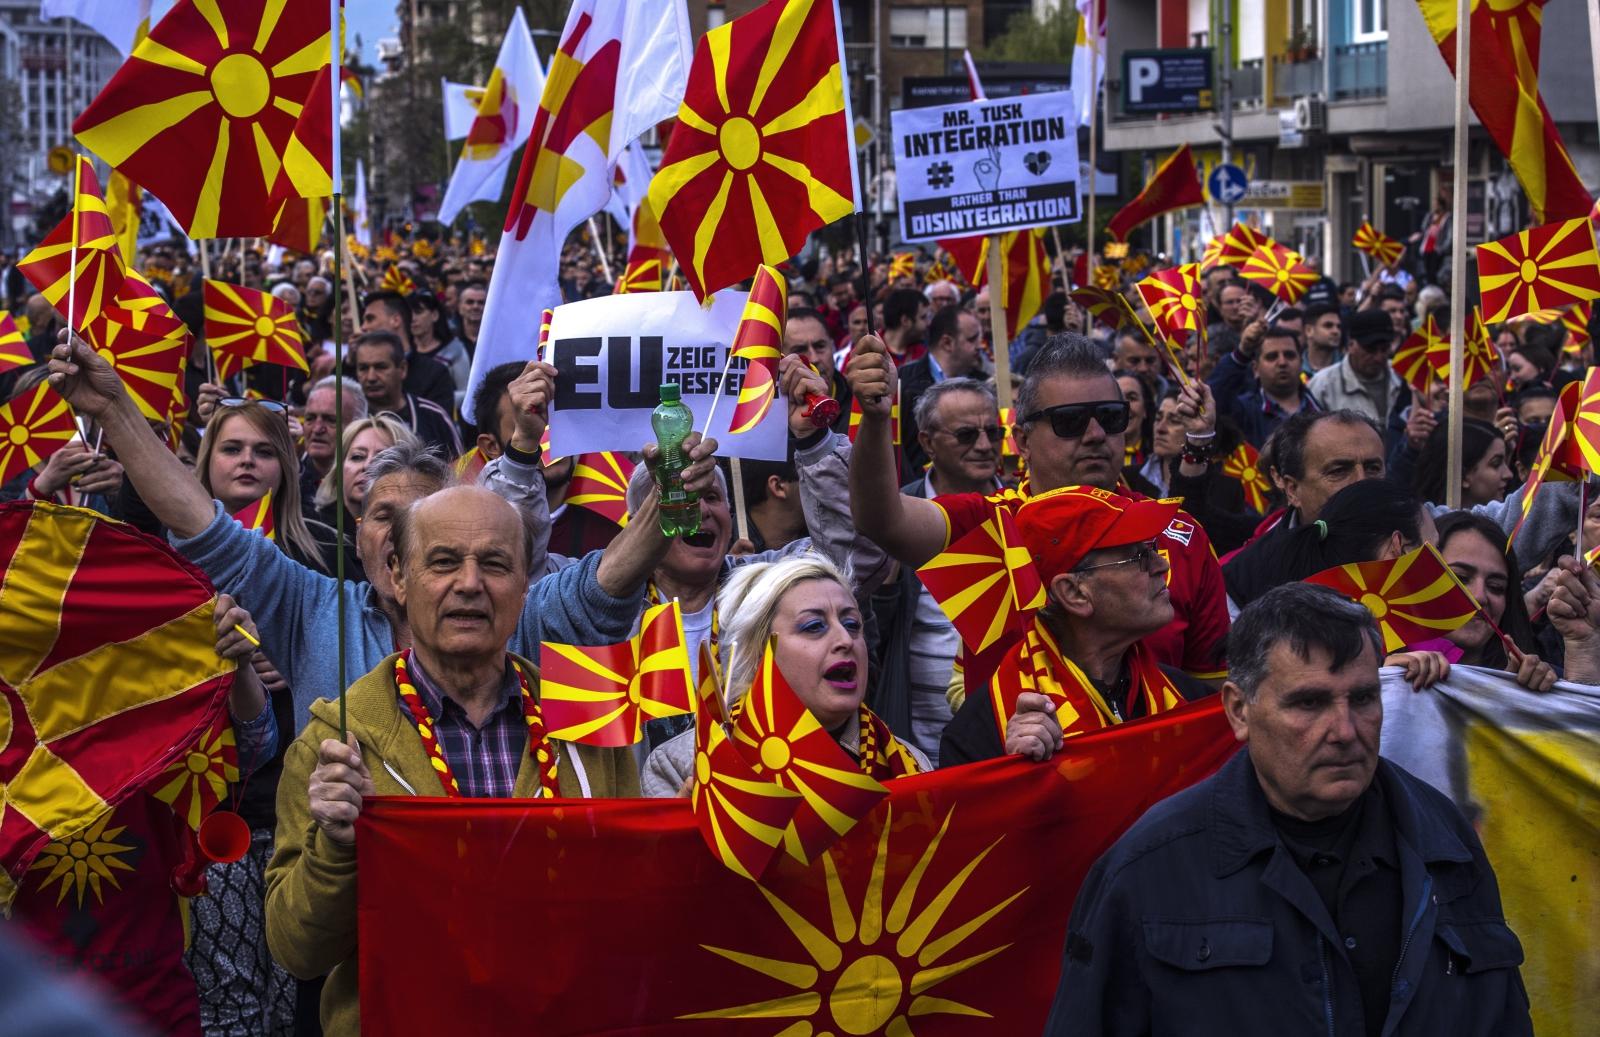 Członkowie Obywatelskiego Ruchu dla Zjednoczonej Macedonii w czasie protestu przeciwko prawdopodobnej koalicji rządowej, Skopje, Macedonia.